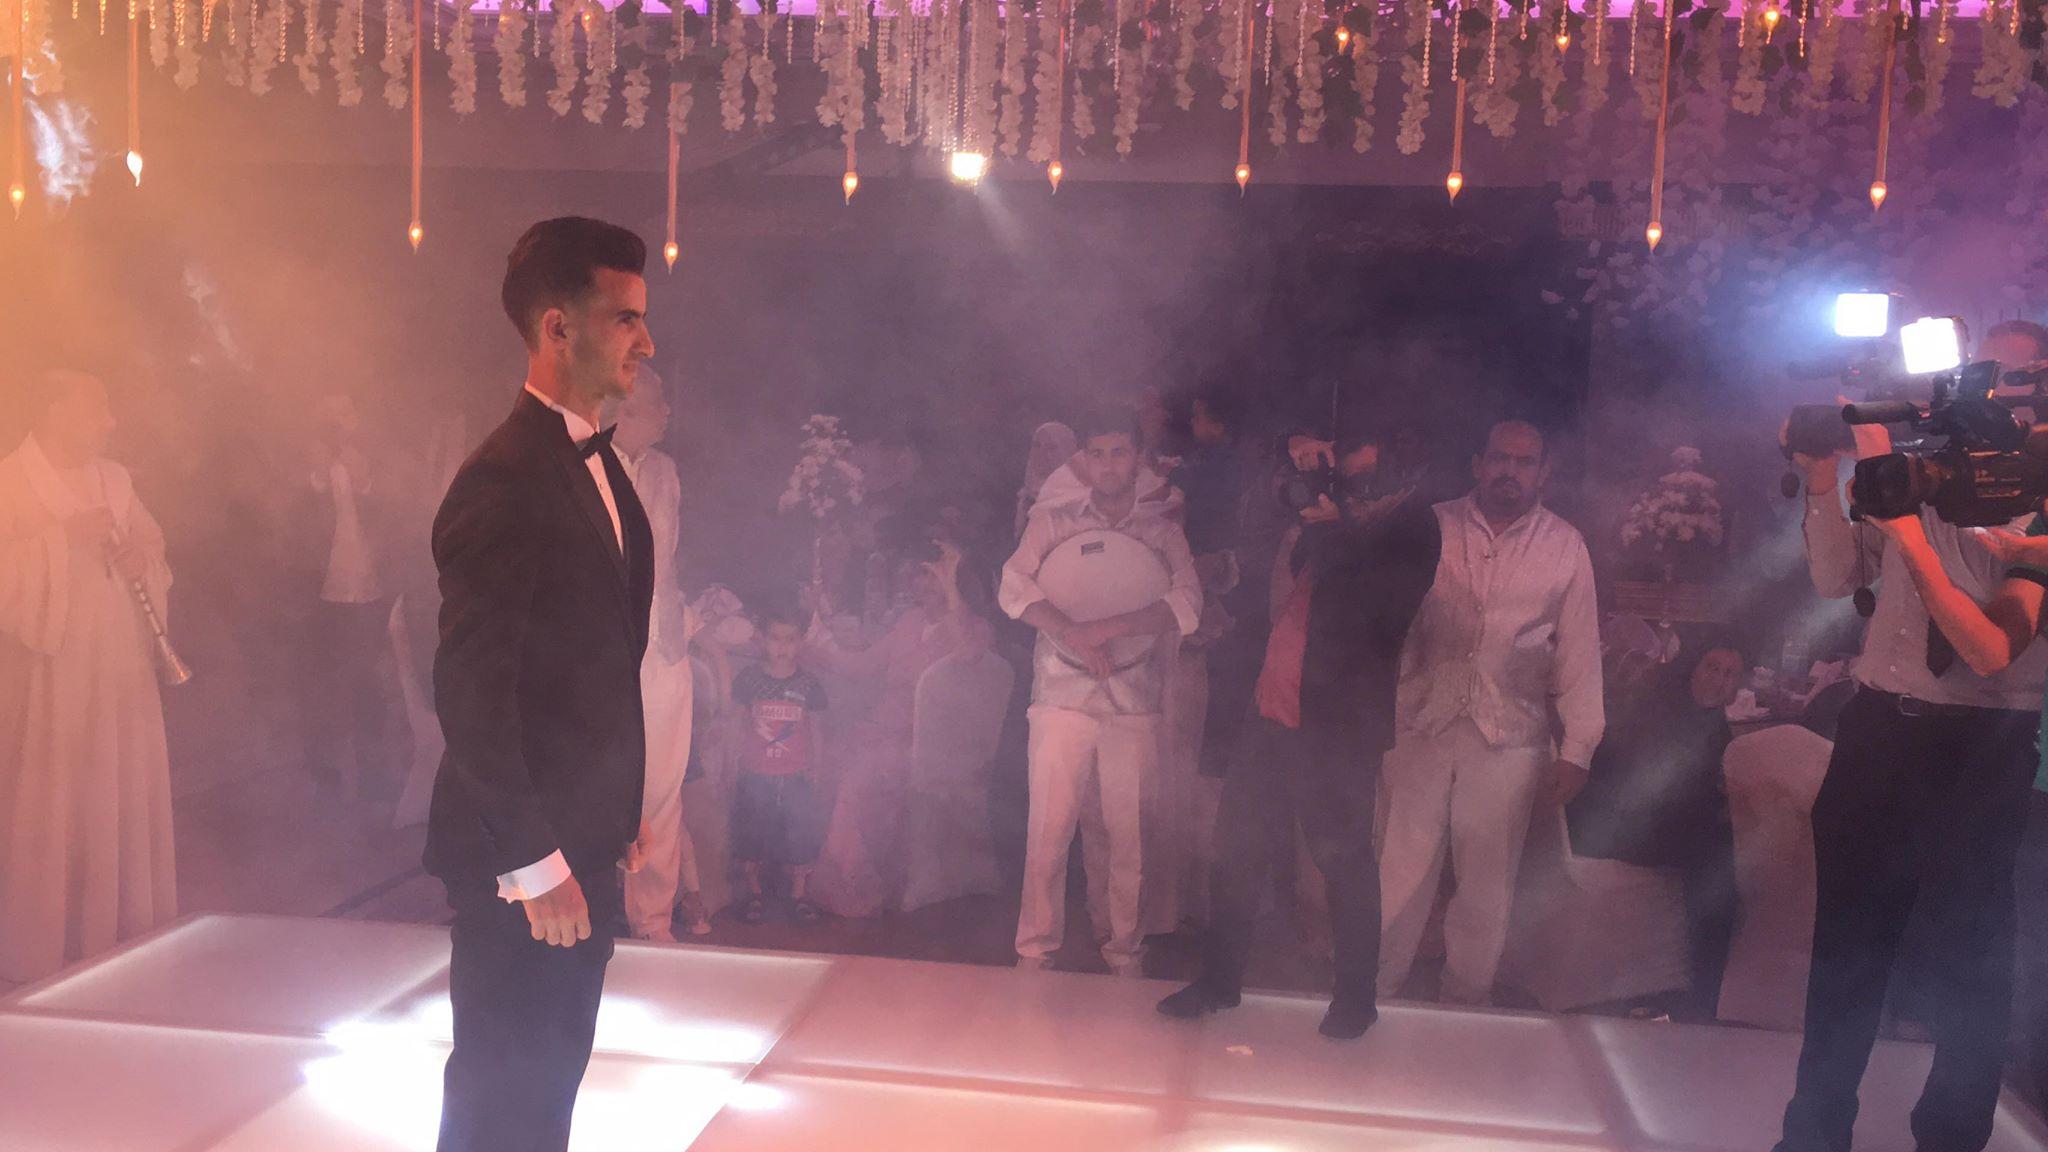 دونجا يحتفل بحفل زفافه (1)